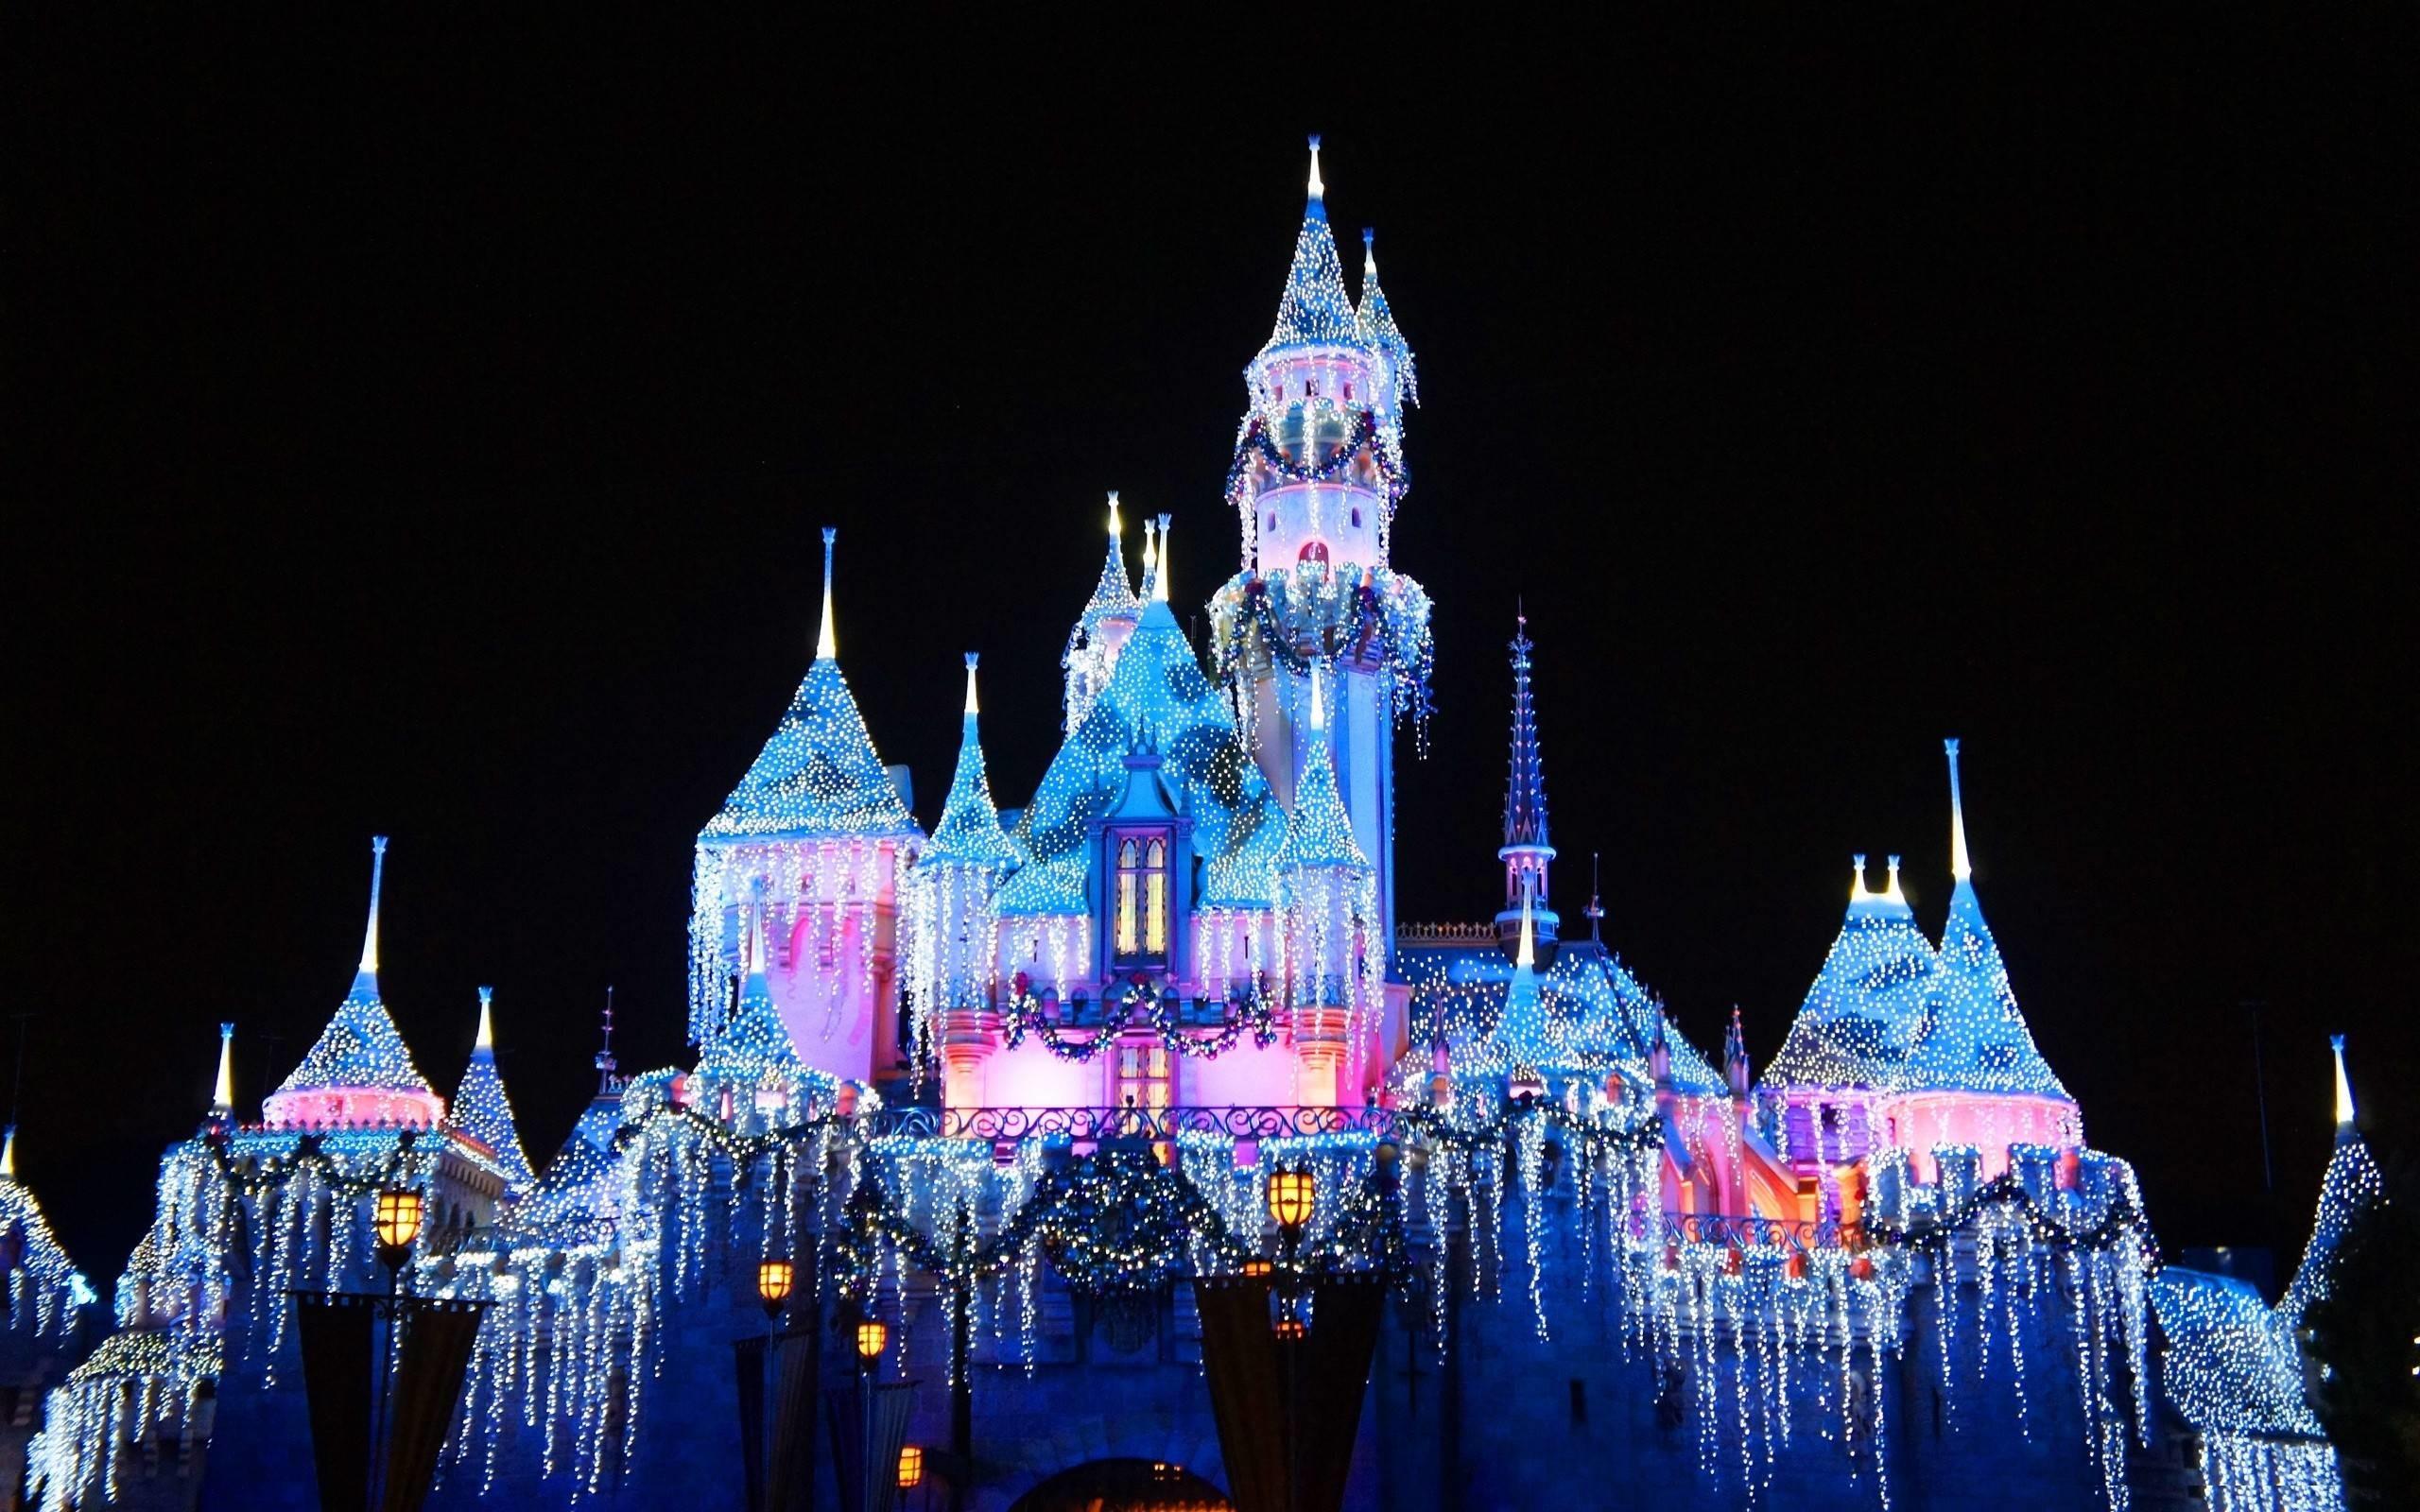 Disney Castle Wallpapers – Full HD wallpaper search